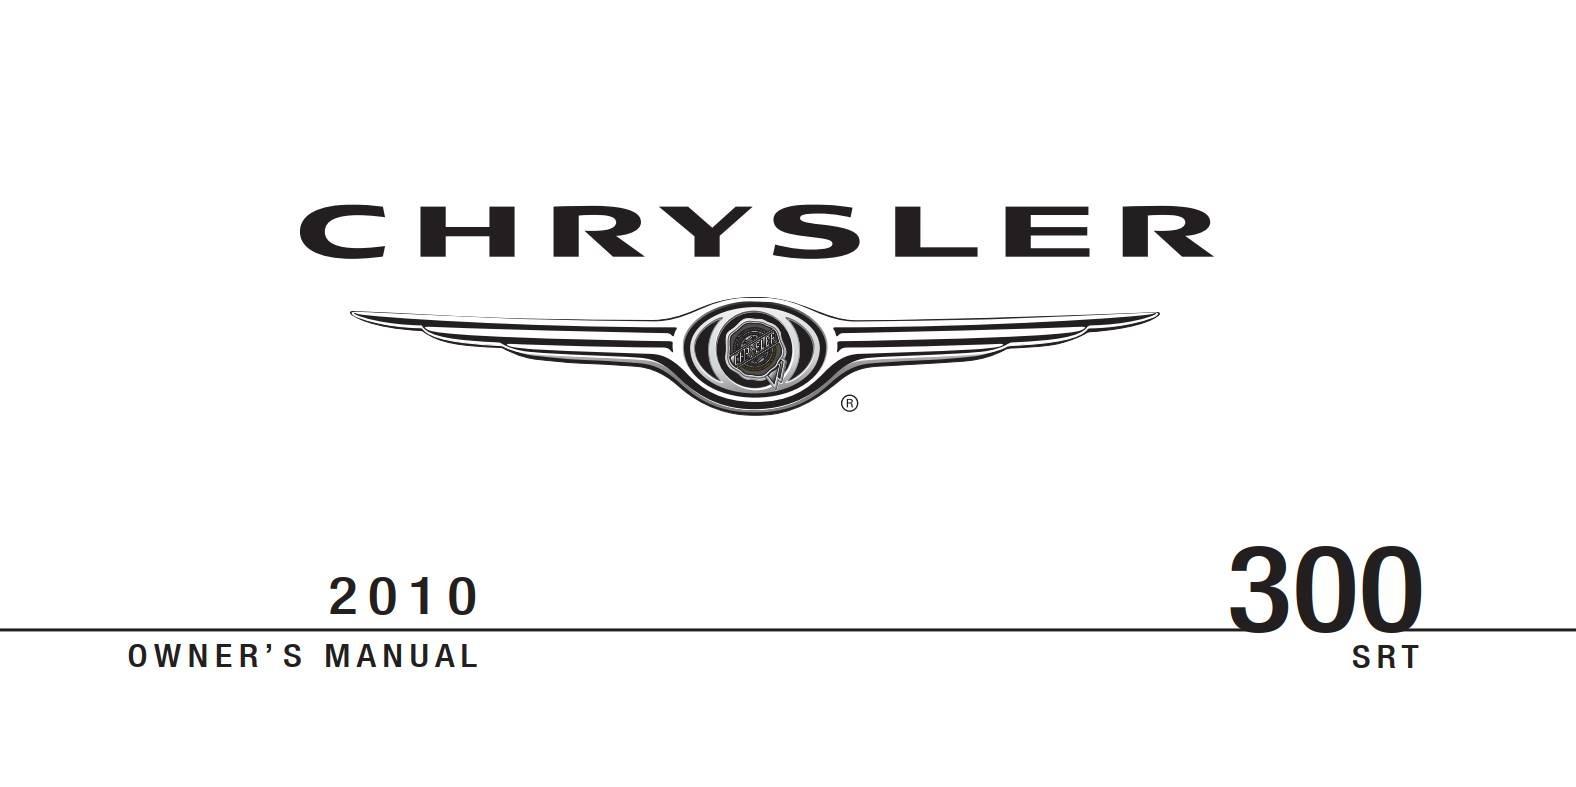 Chrysler 300 Srt8 2010 Owner's Manual